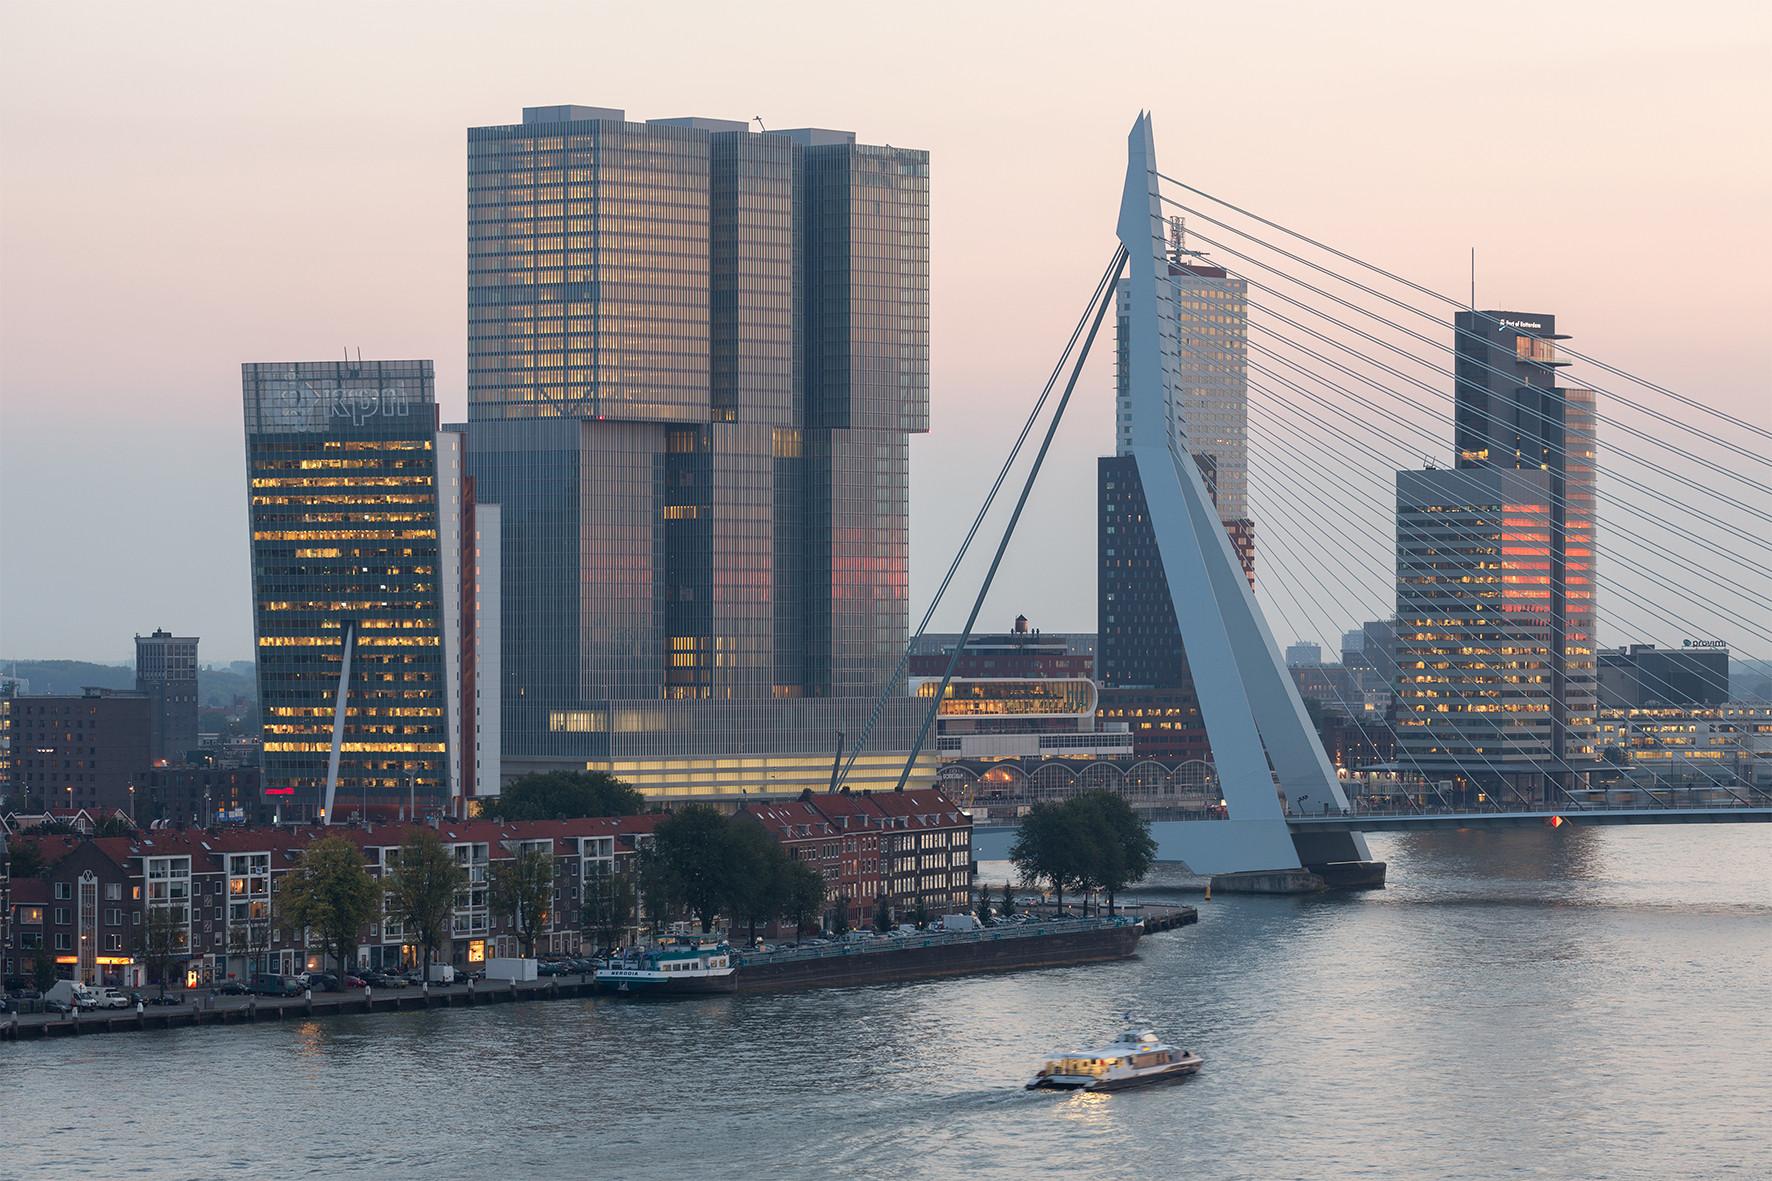 De Rotterdam. Imagen © Ossip van Duivenbode